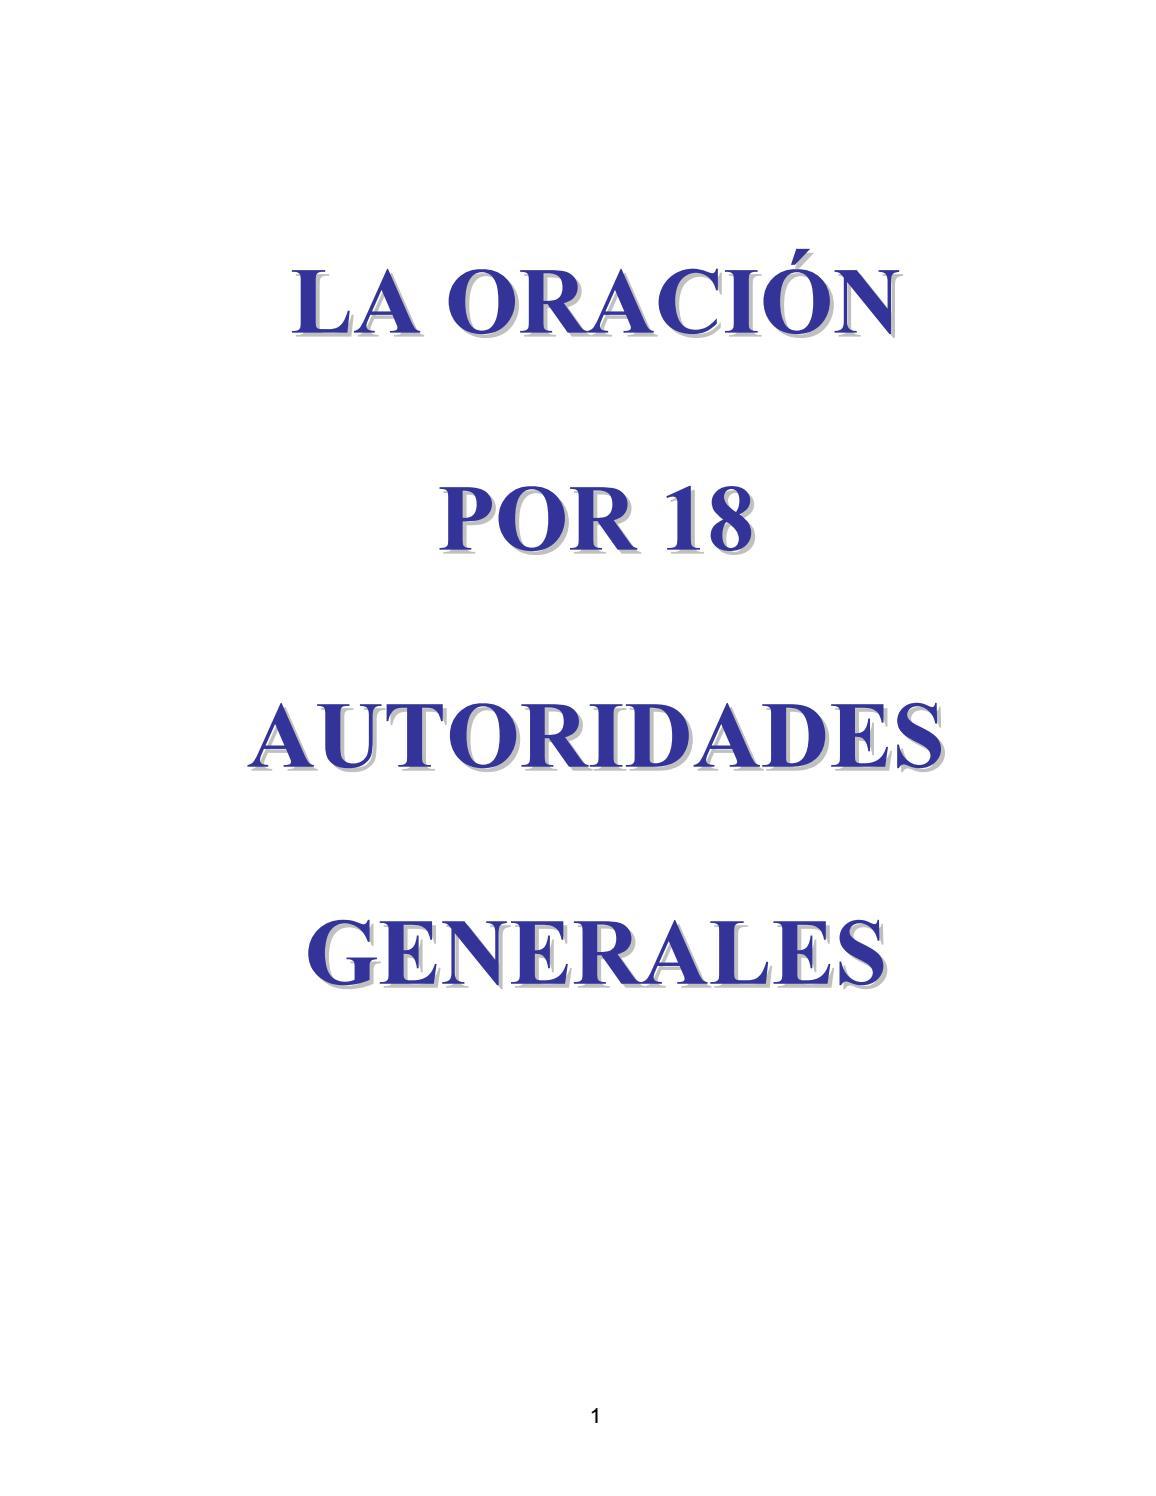 La Oración por 18 Autoridades Generales by Antonio Casas Romero - issuu